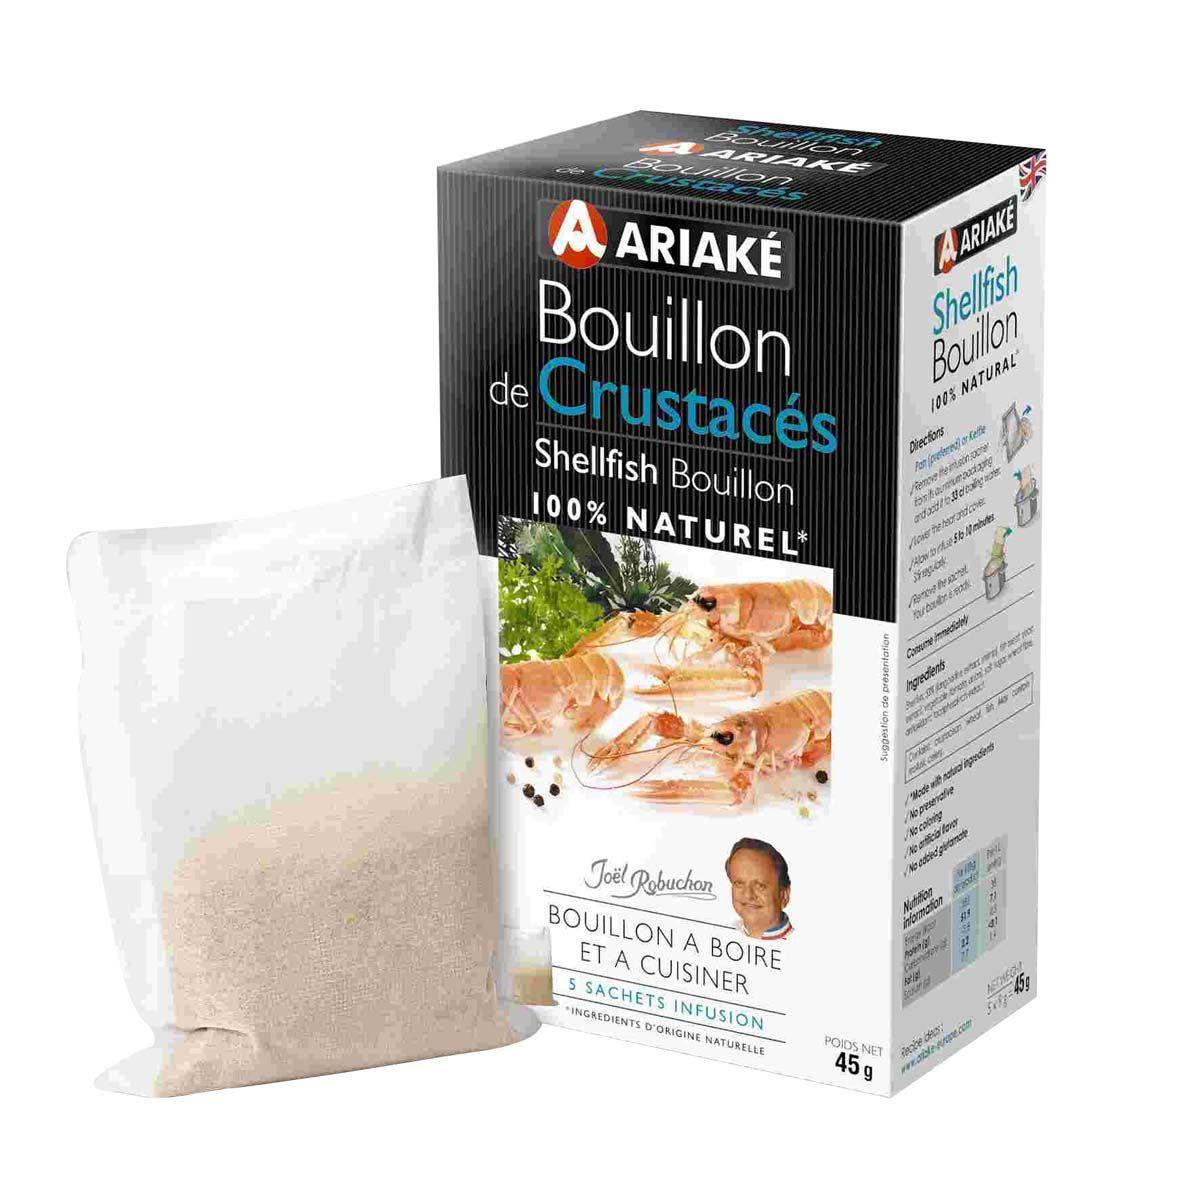 Bouillon de crustacés 45gr - Ariake